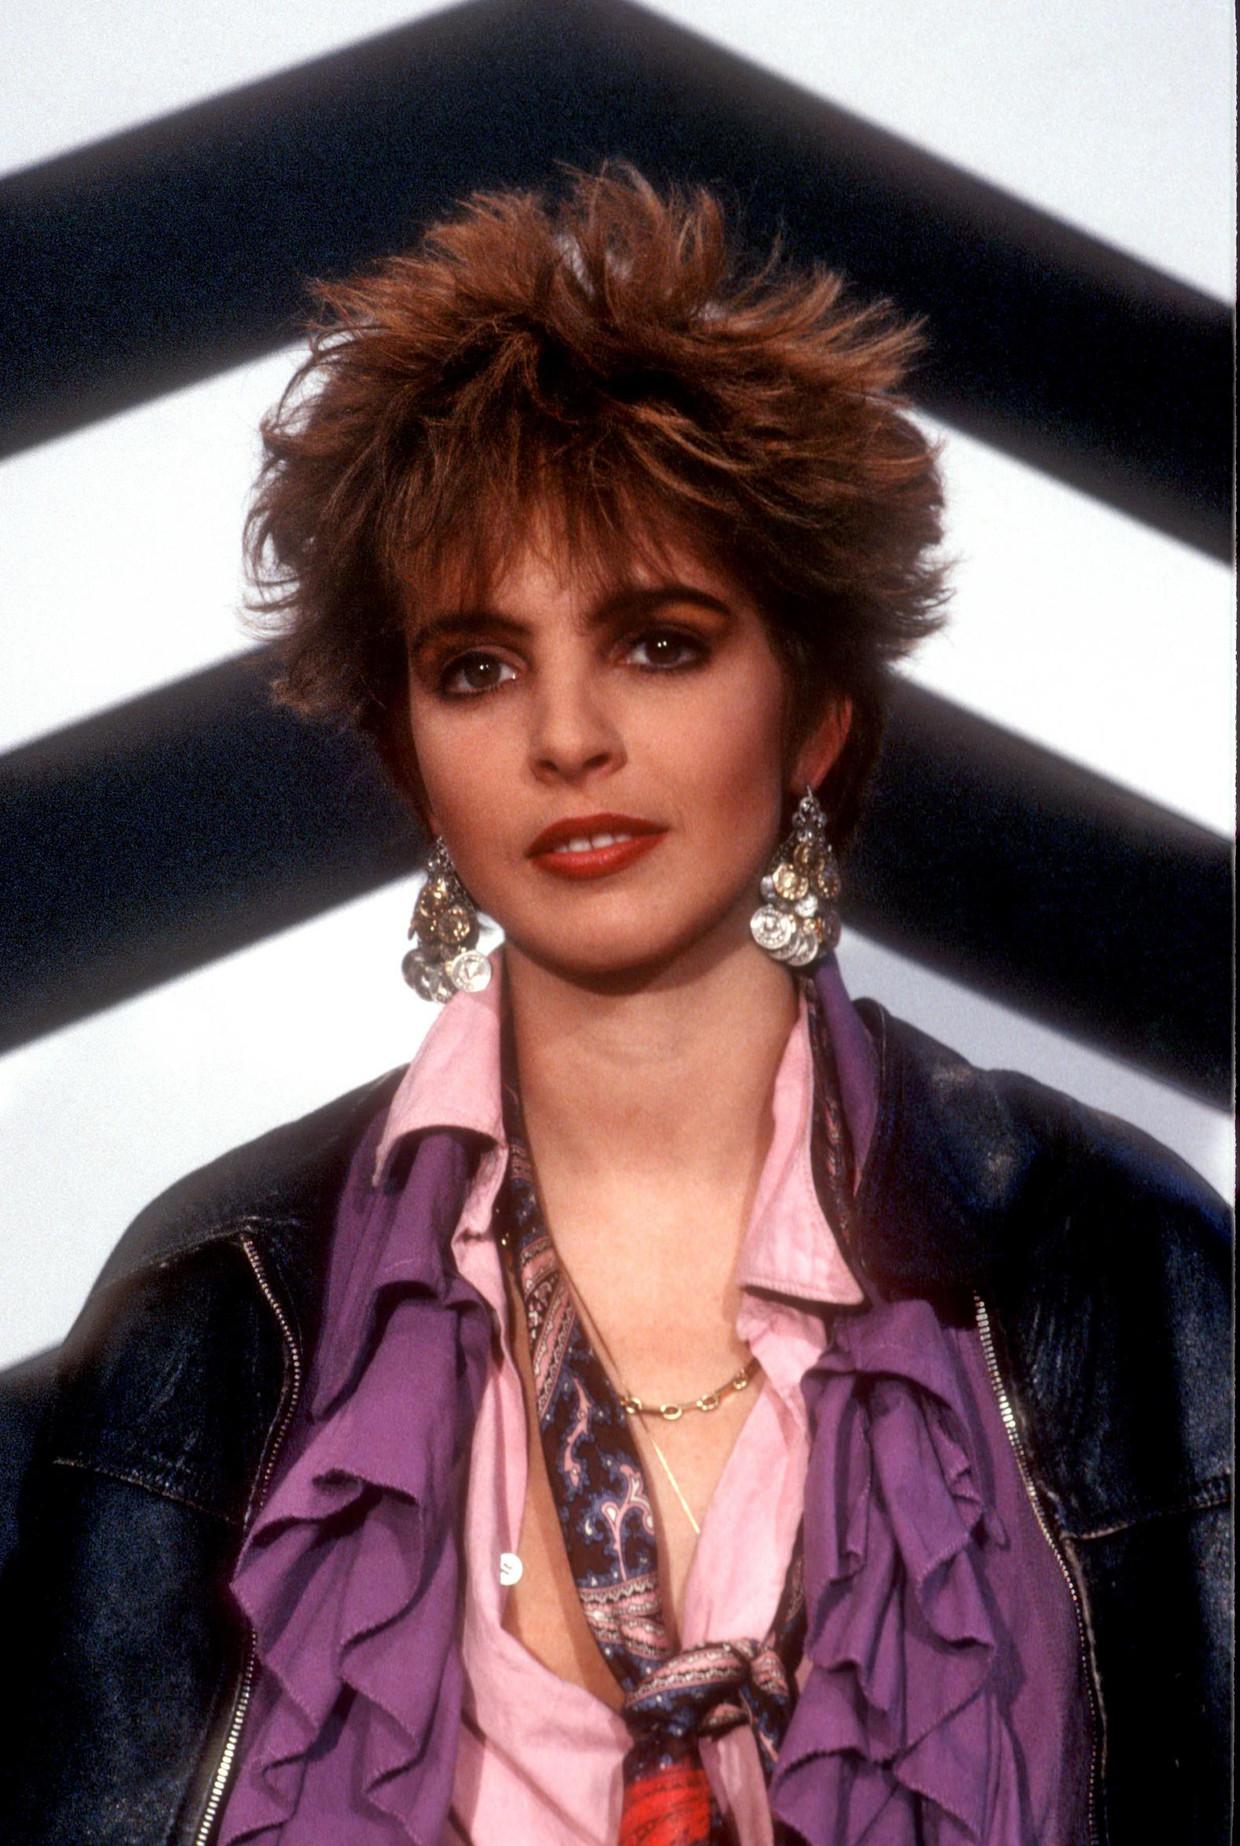 Nena in 1986, toen nog zangeres van de band die drie jaar eerder een hit had met het nummer 99 Luftballons. Beeld Getty